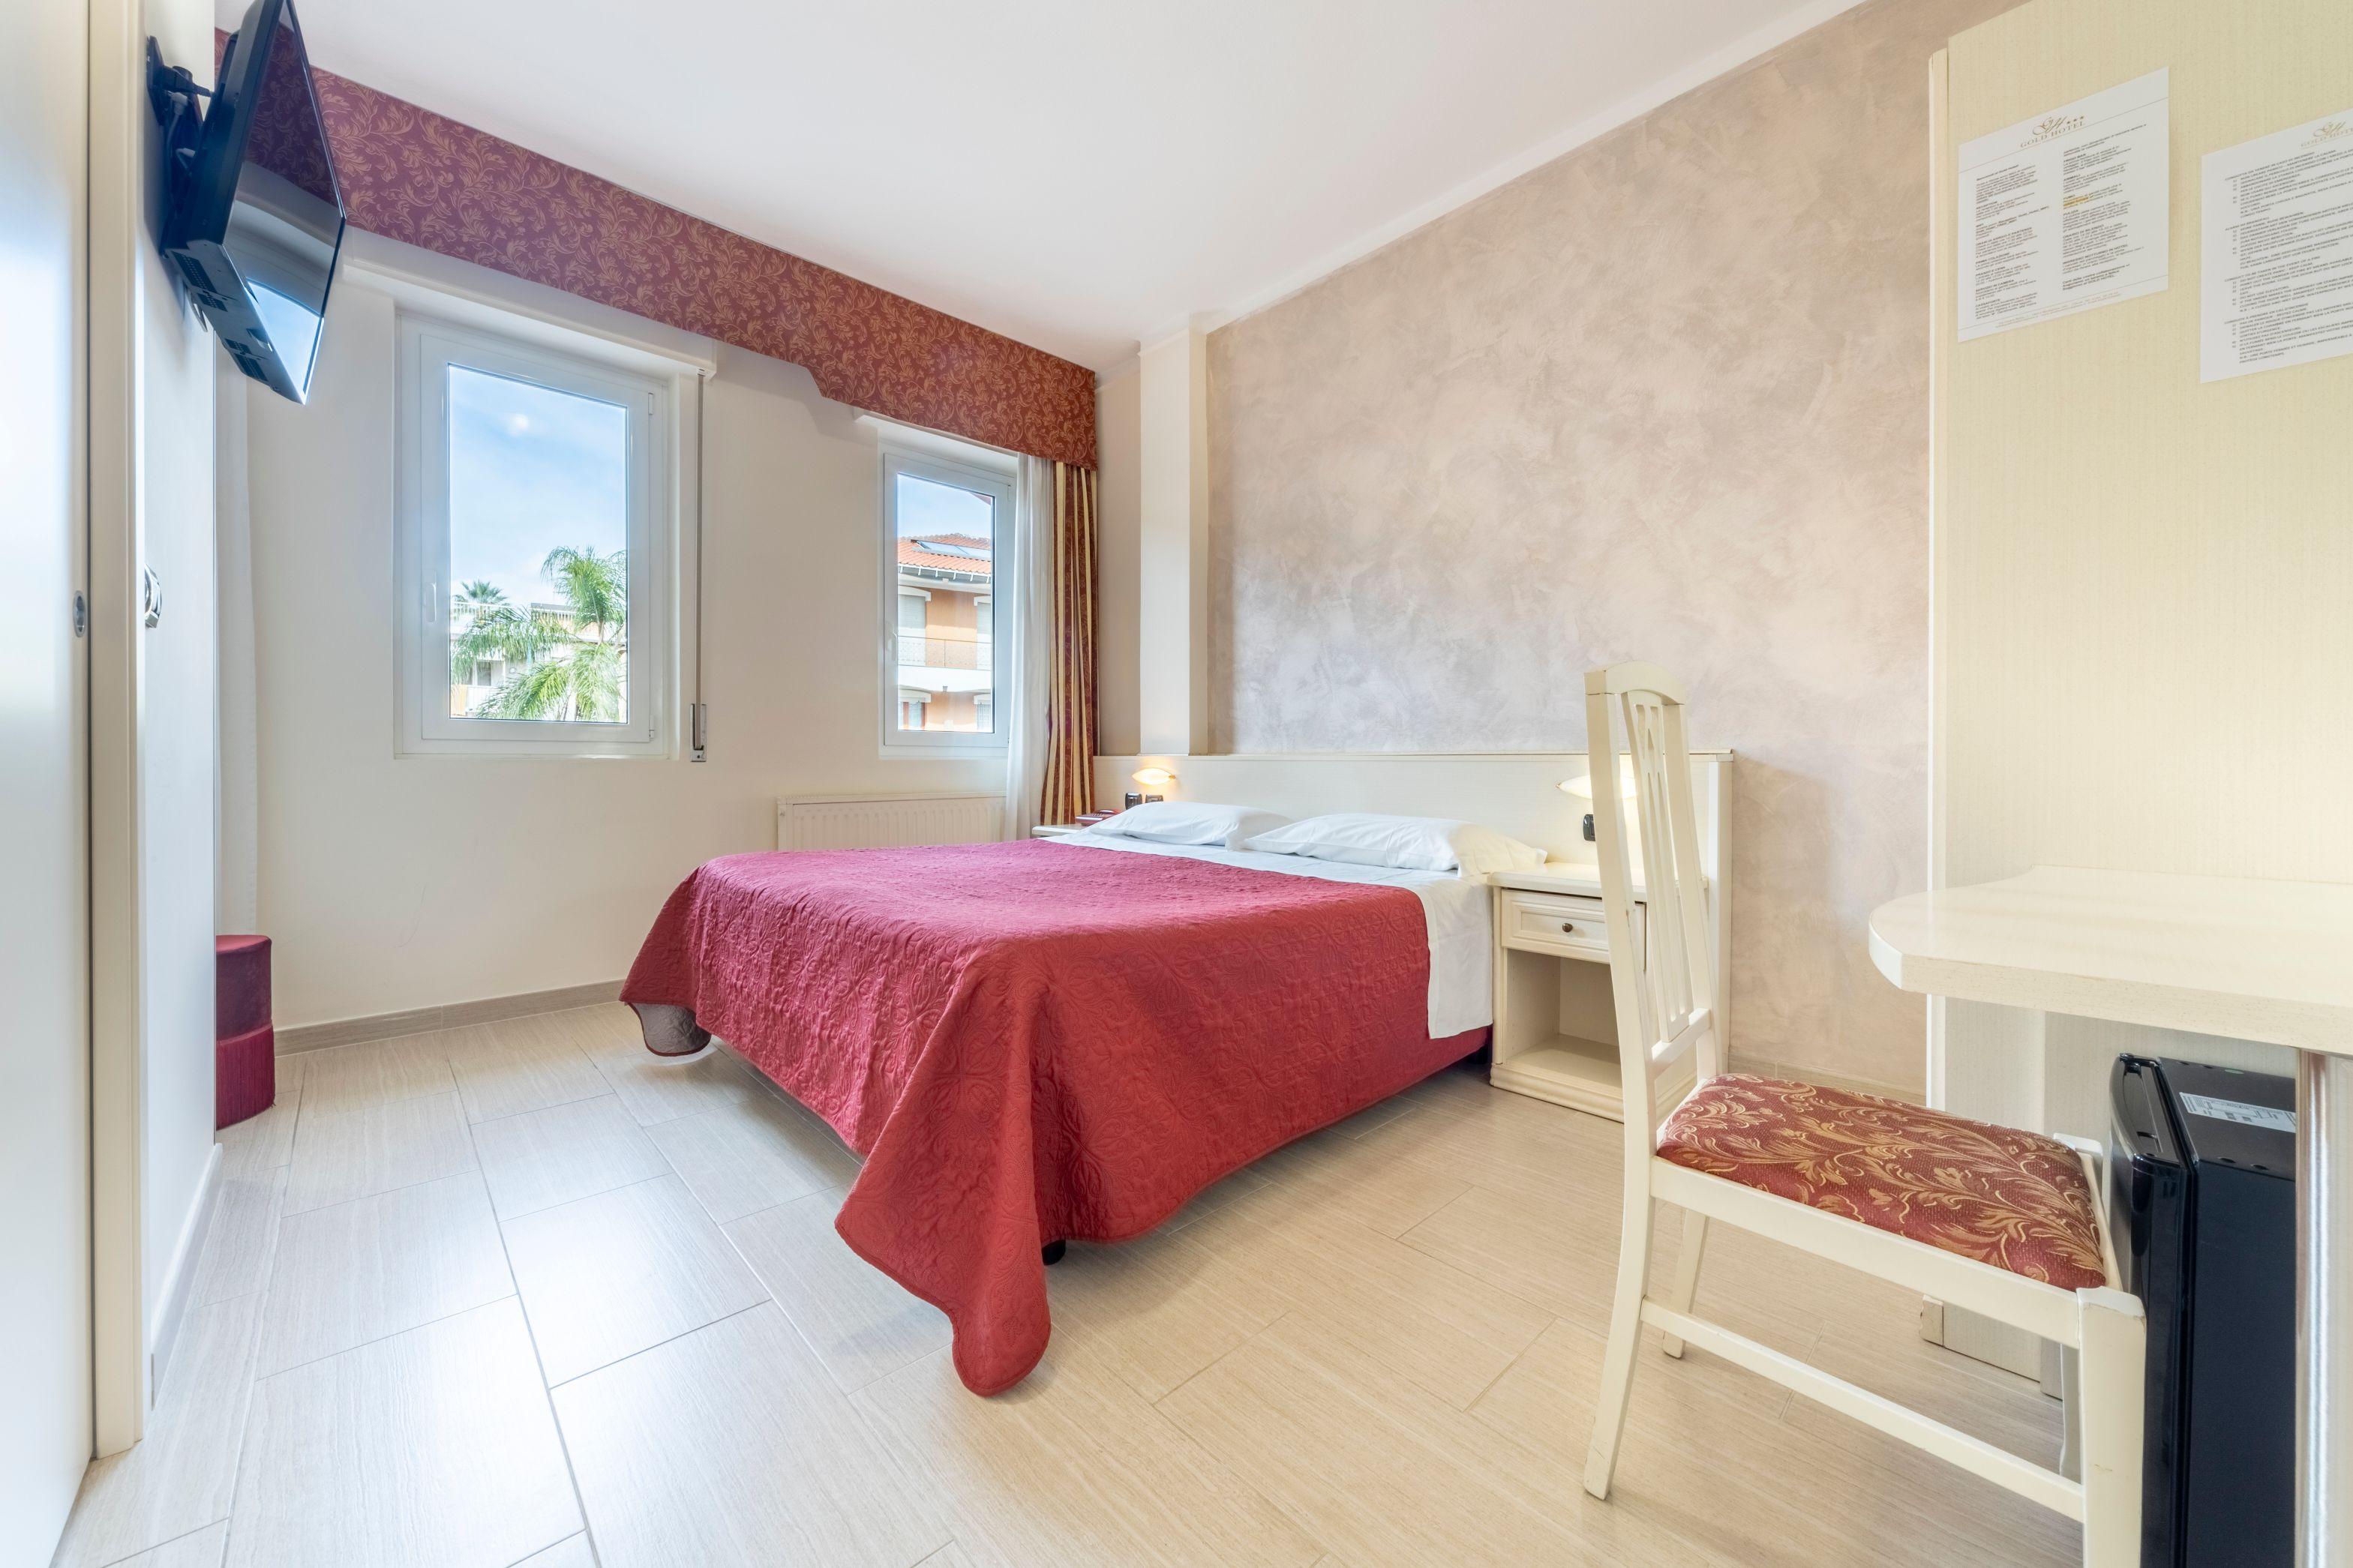 hotel_gold_bordighera_stanza_101_2020102